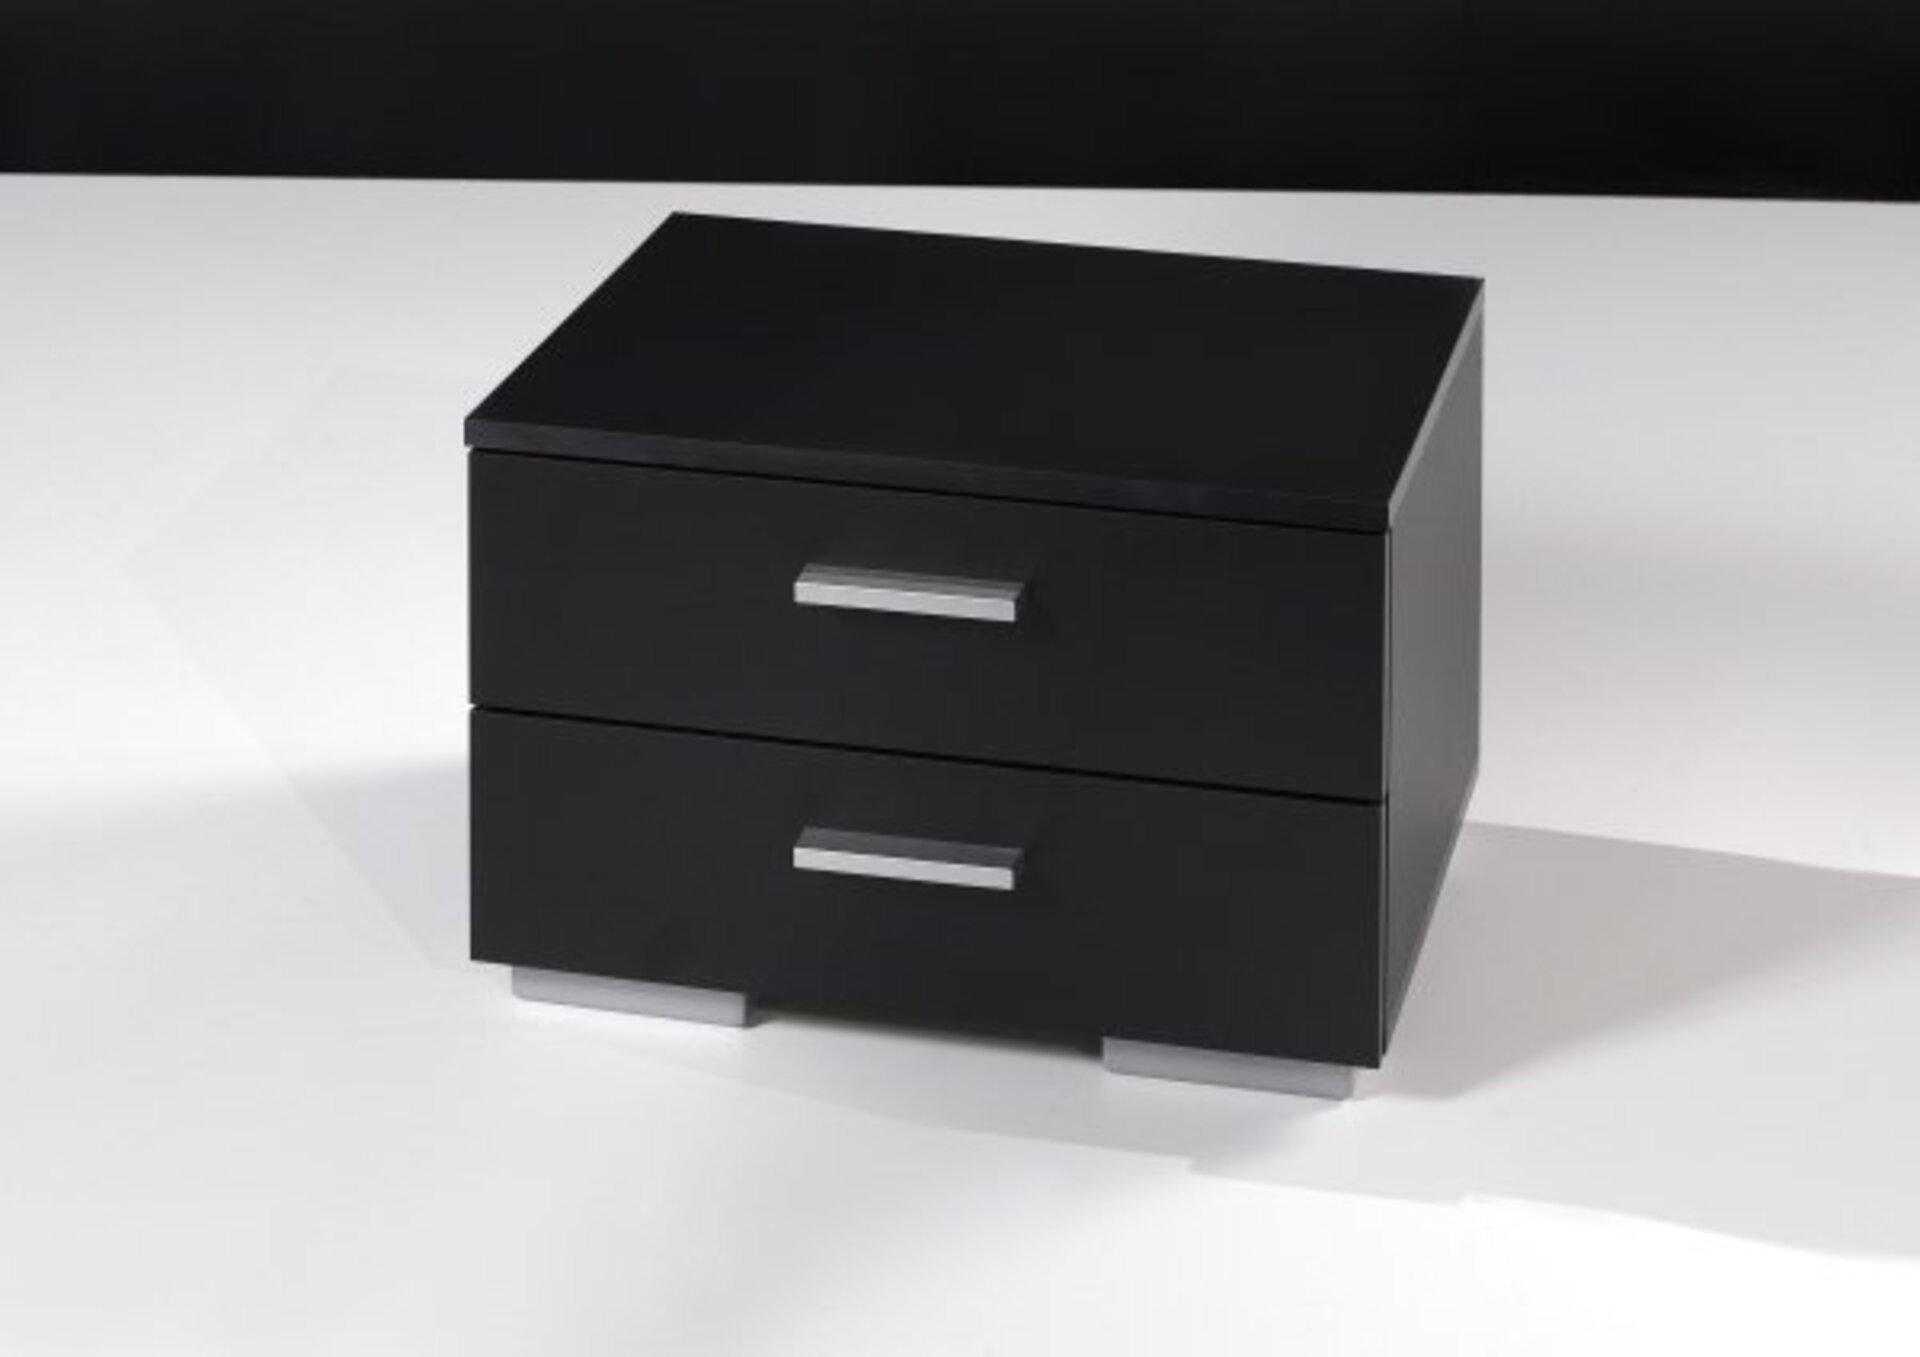 Nachttisch Dreamoro Holzwerkstoff 35 x 33 x 45 cm